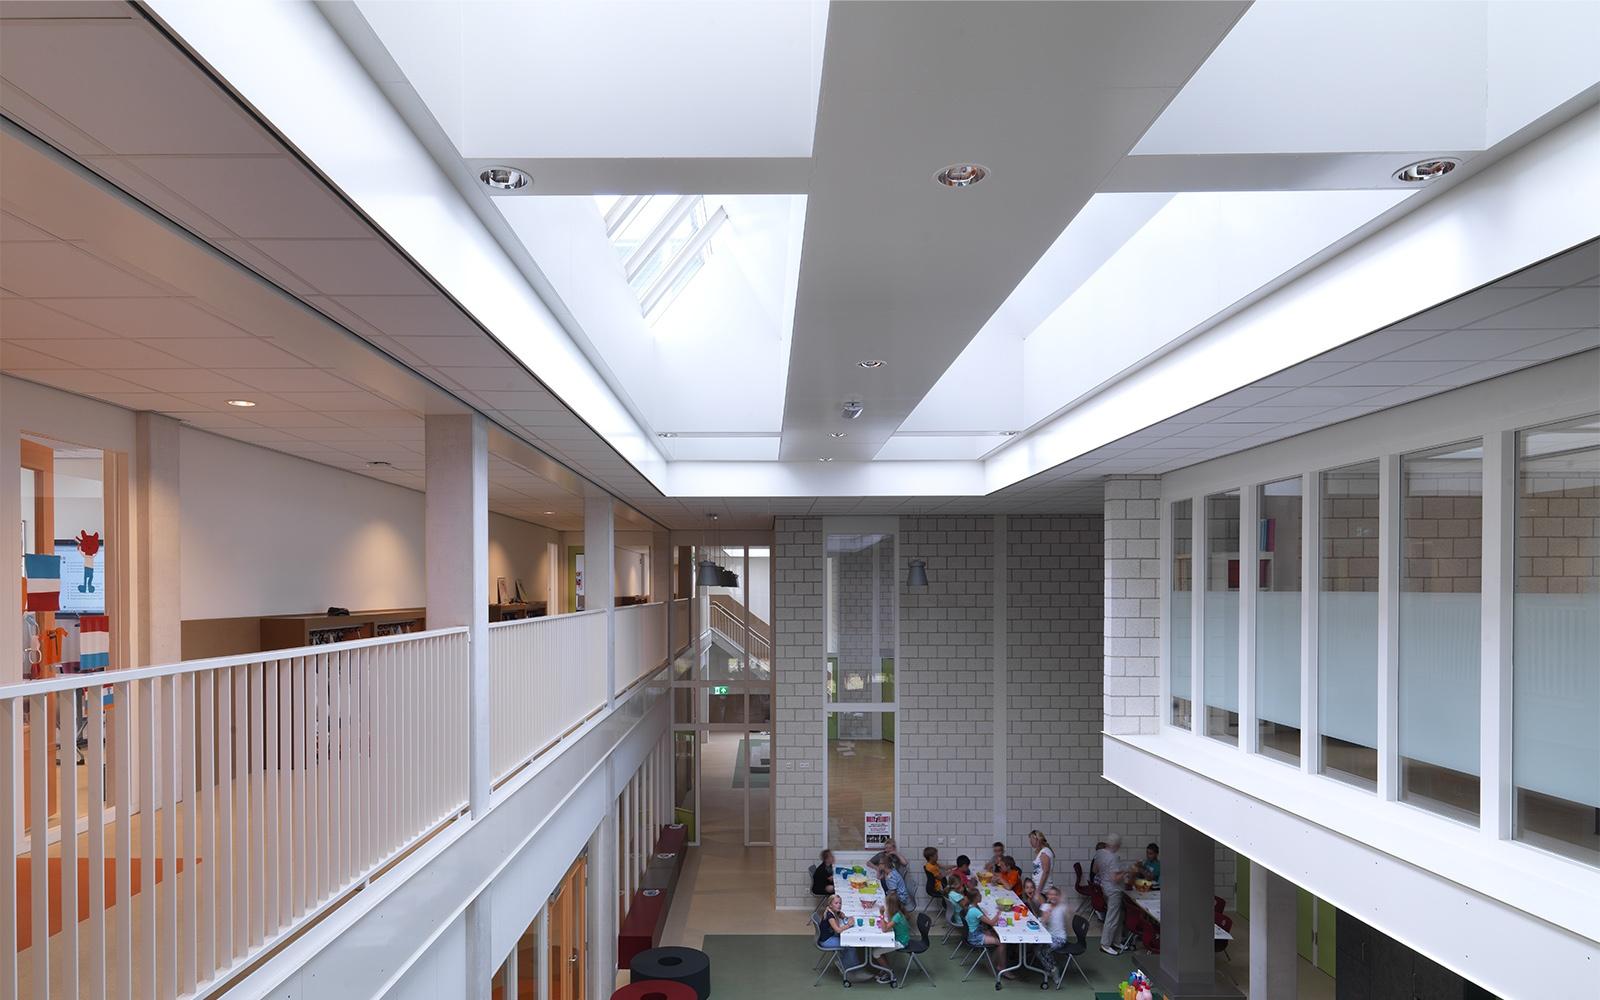 Architektonische Tageslichtkonzepte in Schulen